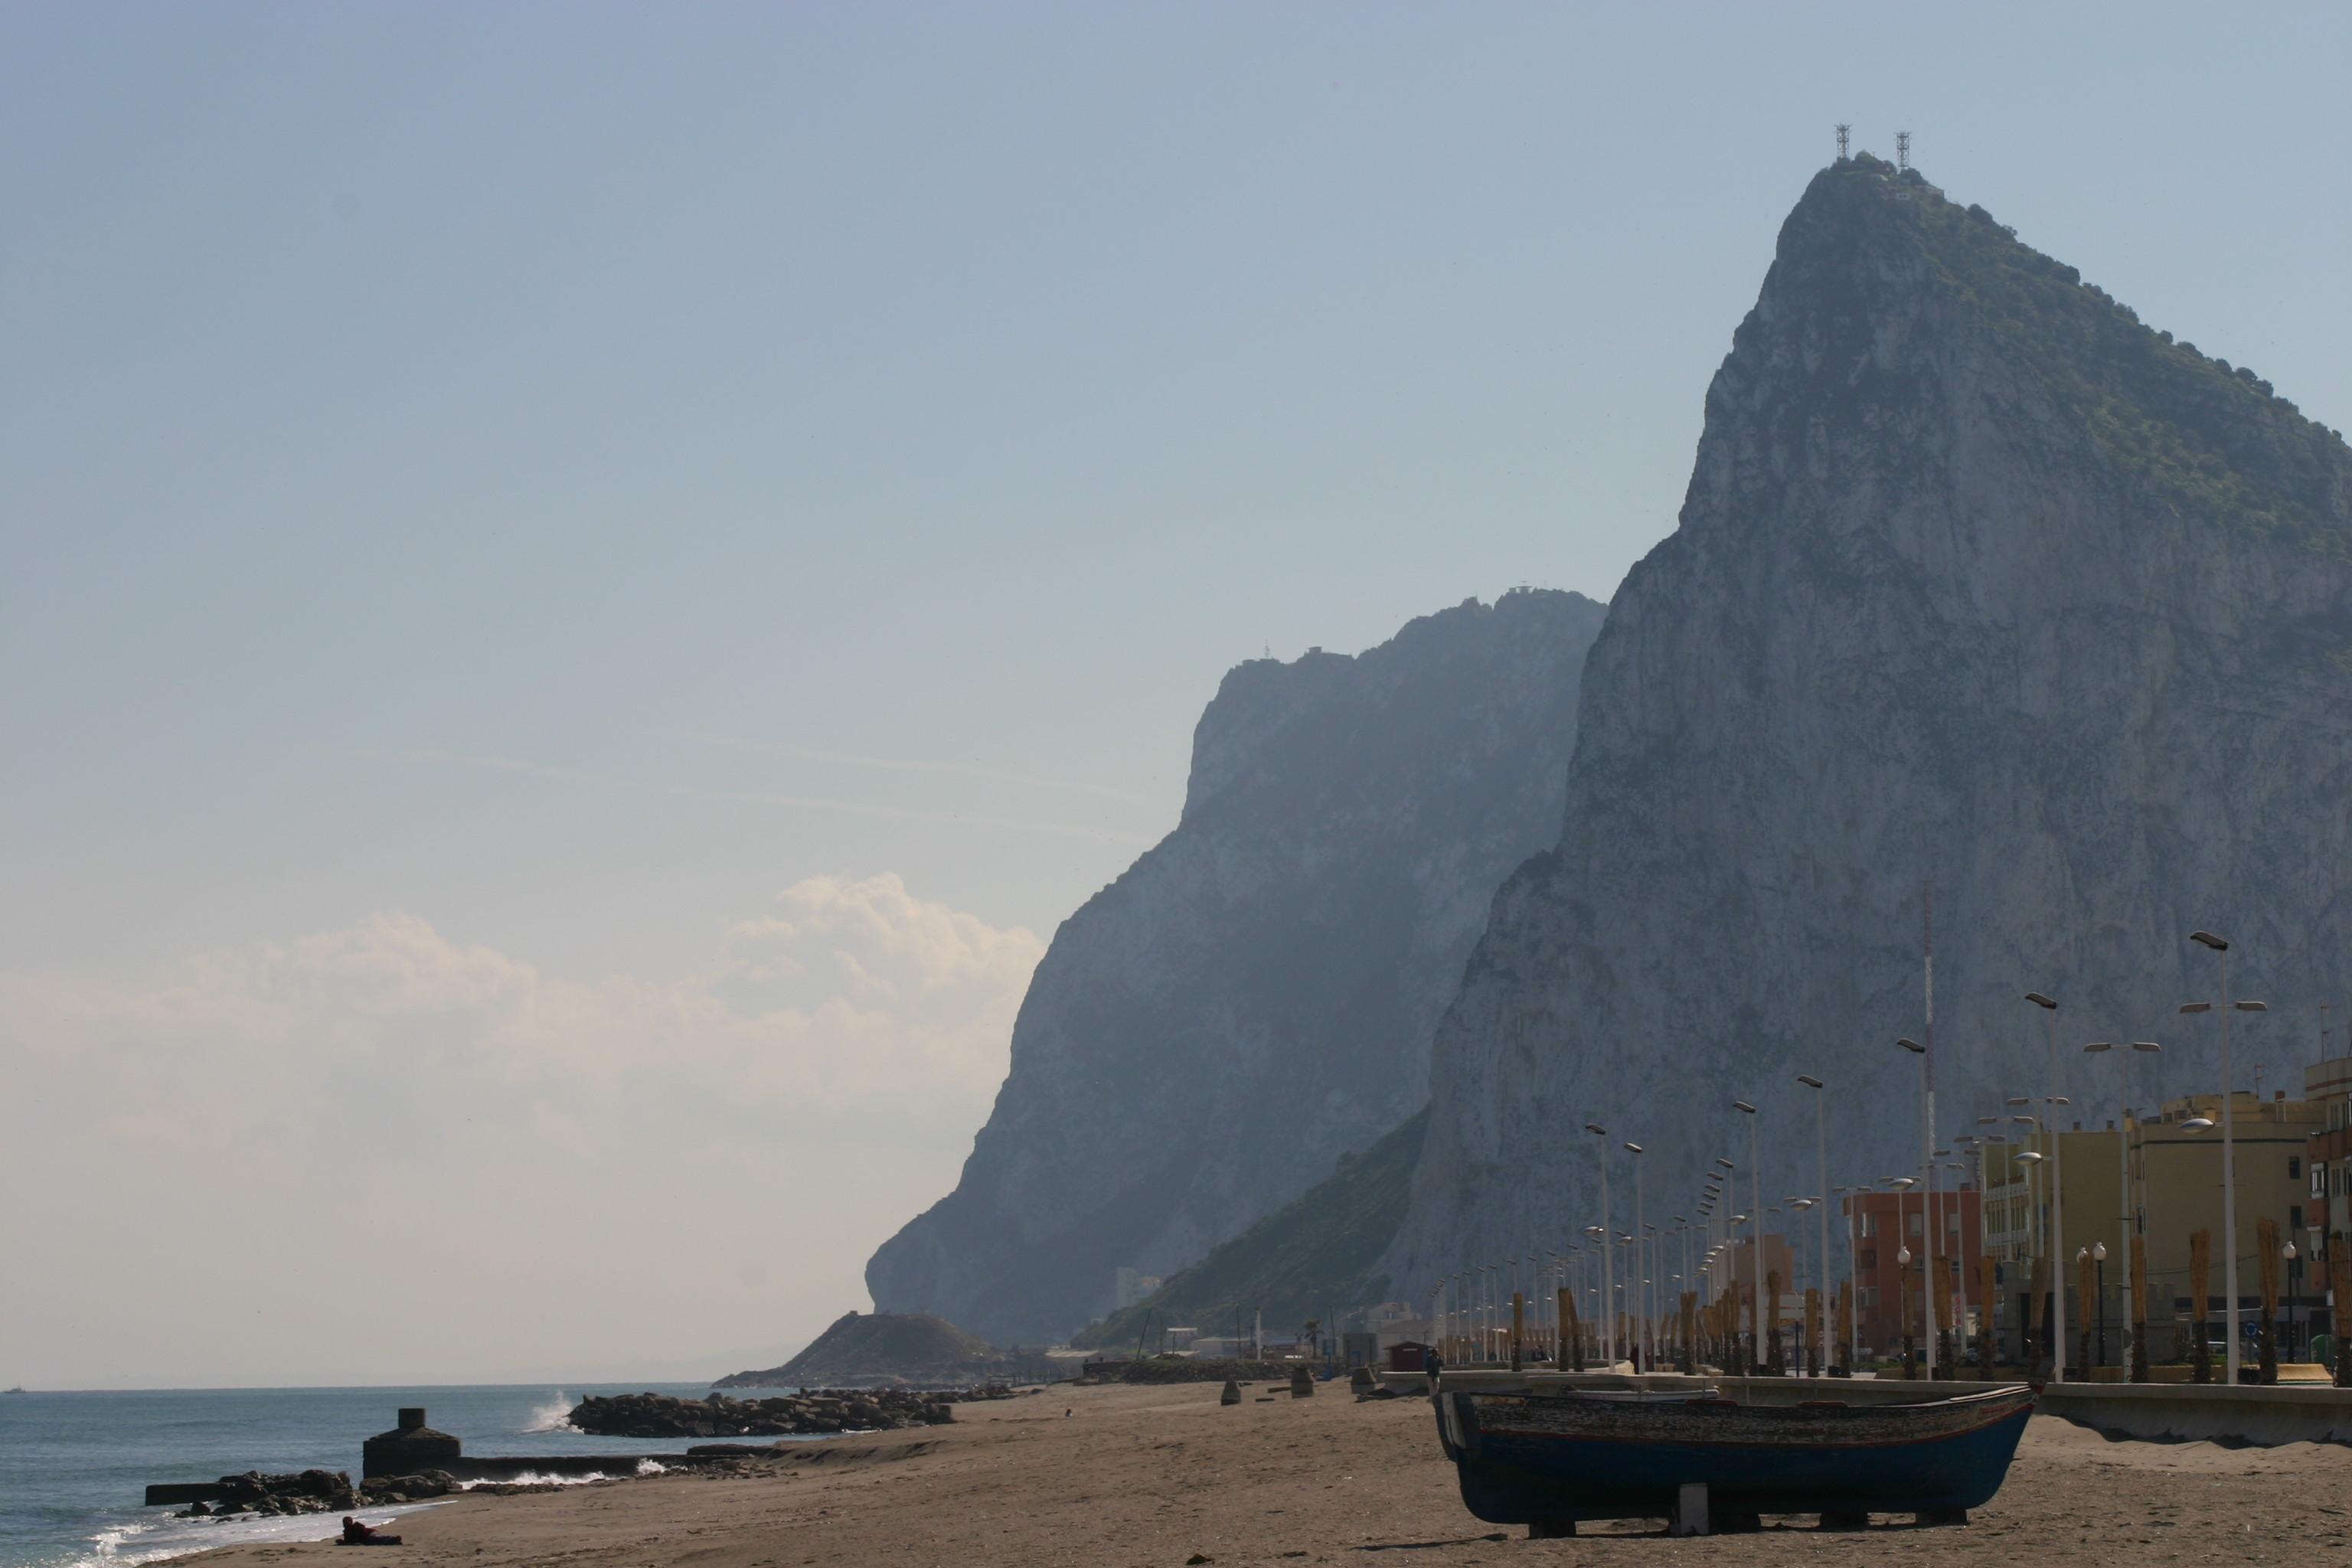 El peñón de Gibraltar desde el barrio de La Atunara de La Línea